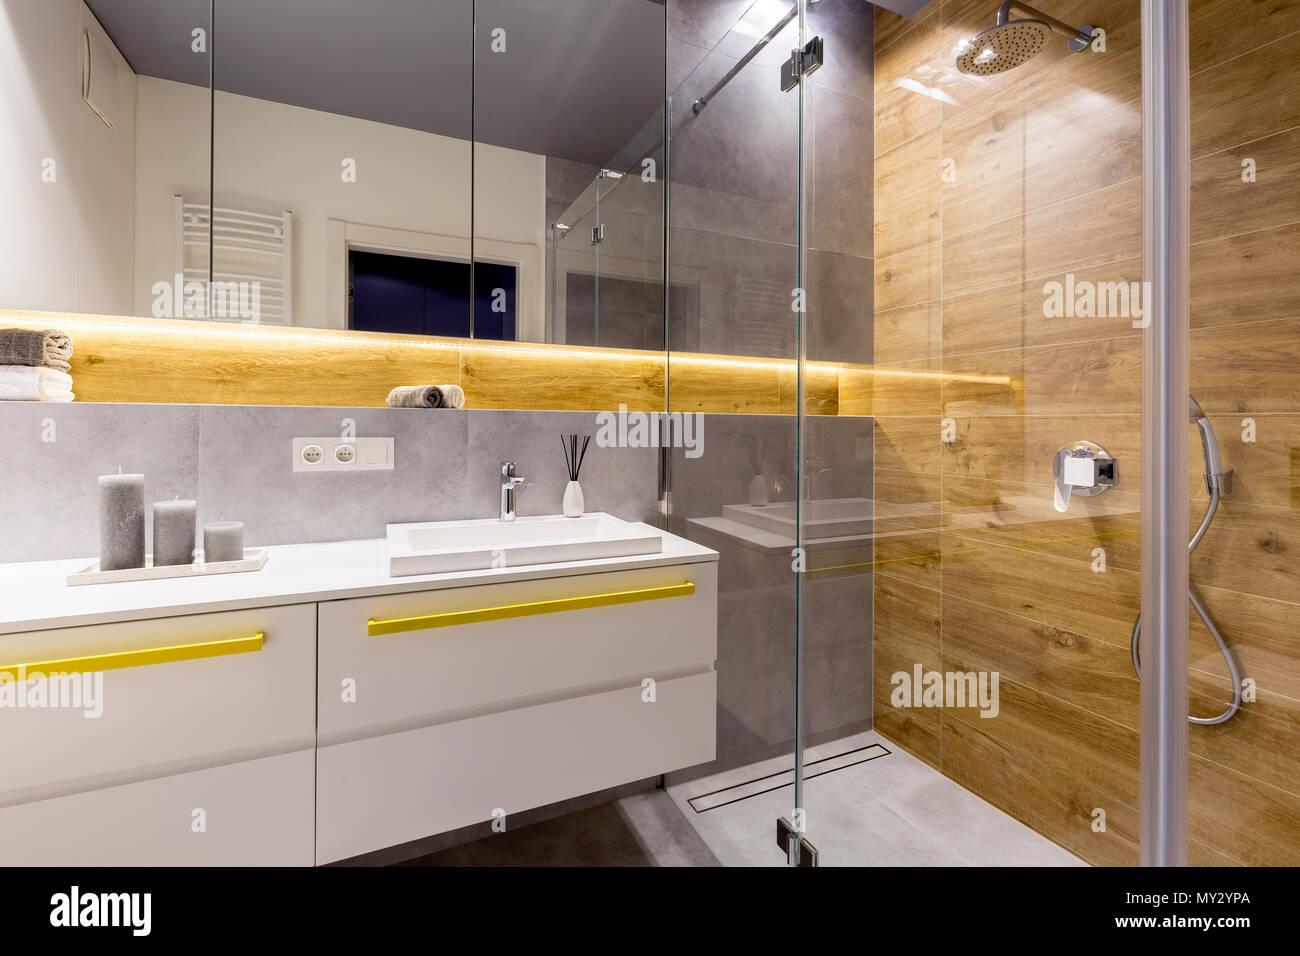 Bagno Legno Bianco : Pareti in legno in bagno moderno interno con specchio sopra